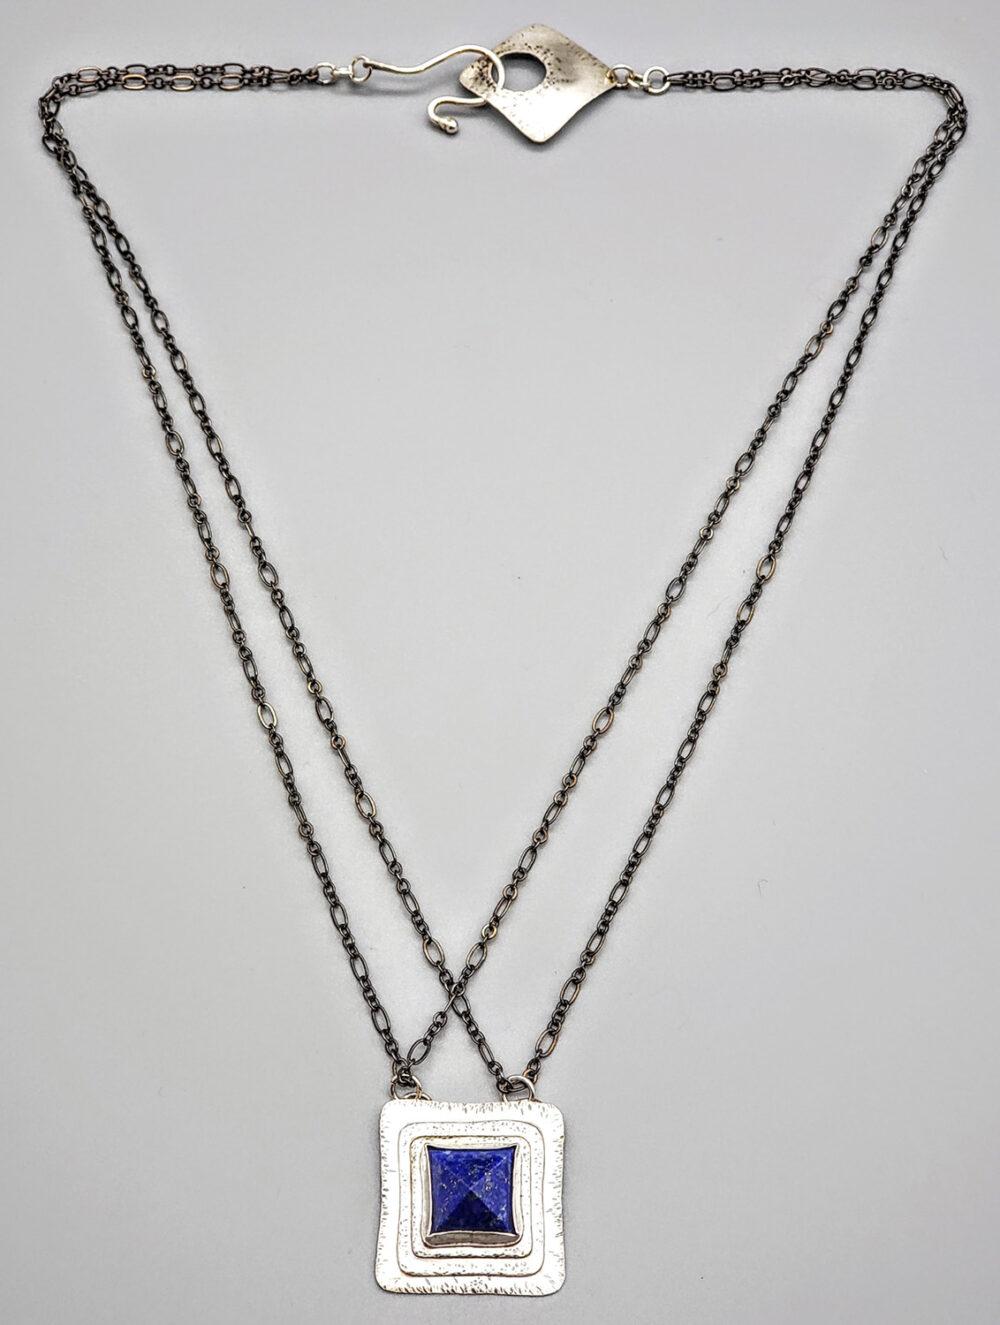 Judith Giusto - Square Silver Necklace w- Lapis Square Stone